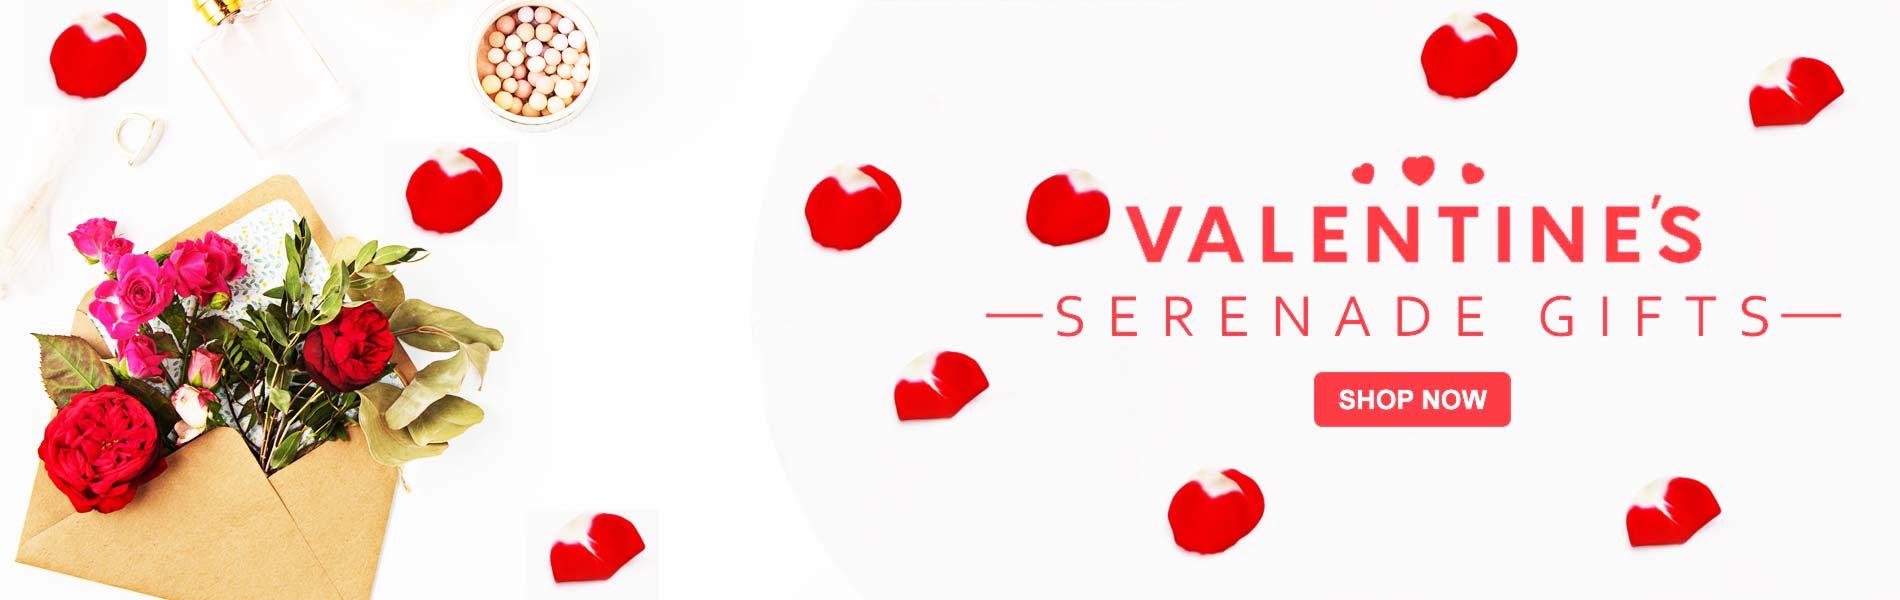 Valentine Serenade Gifts Online